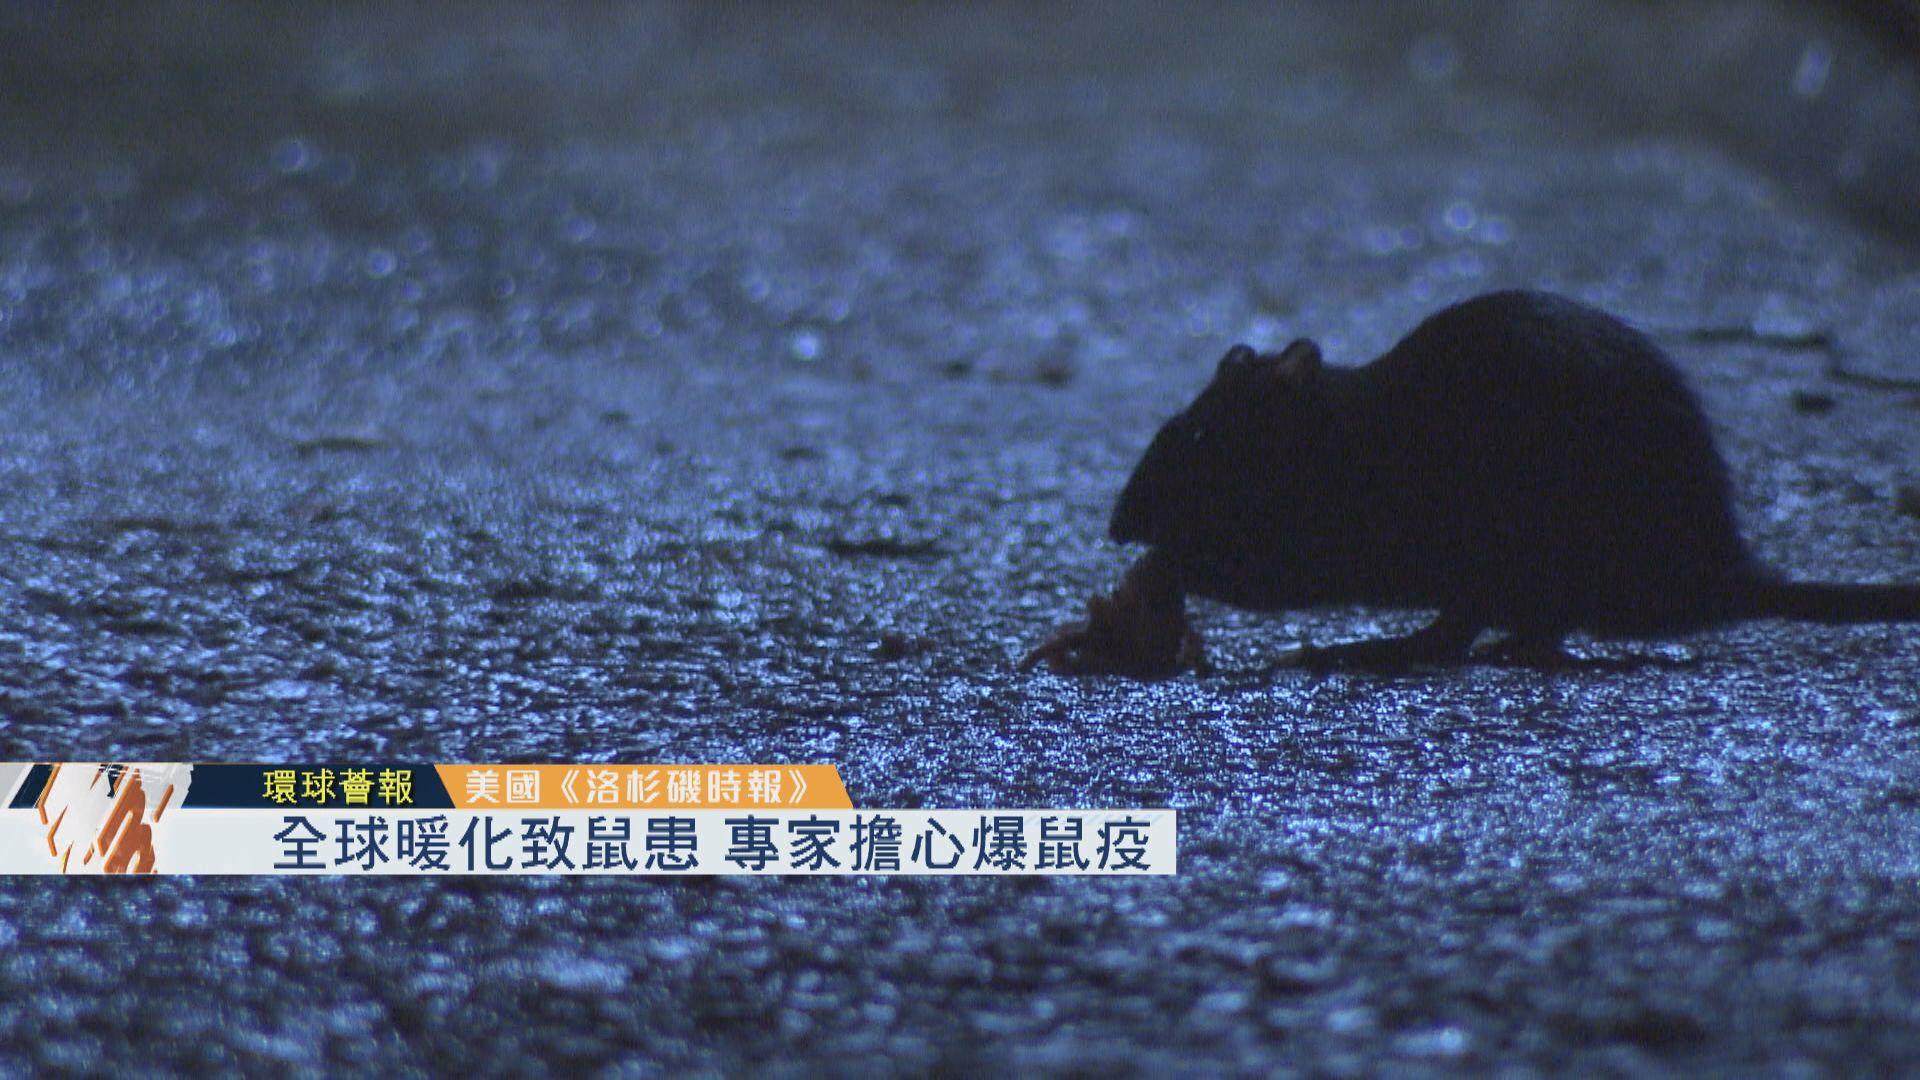 【環球薈報】全球暖化致鼠患 專家擔心爆鼠疫